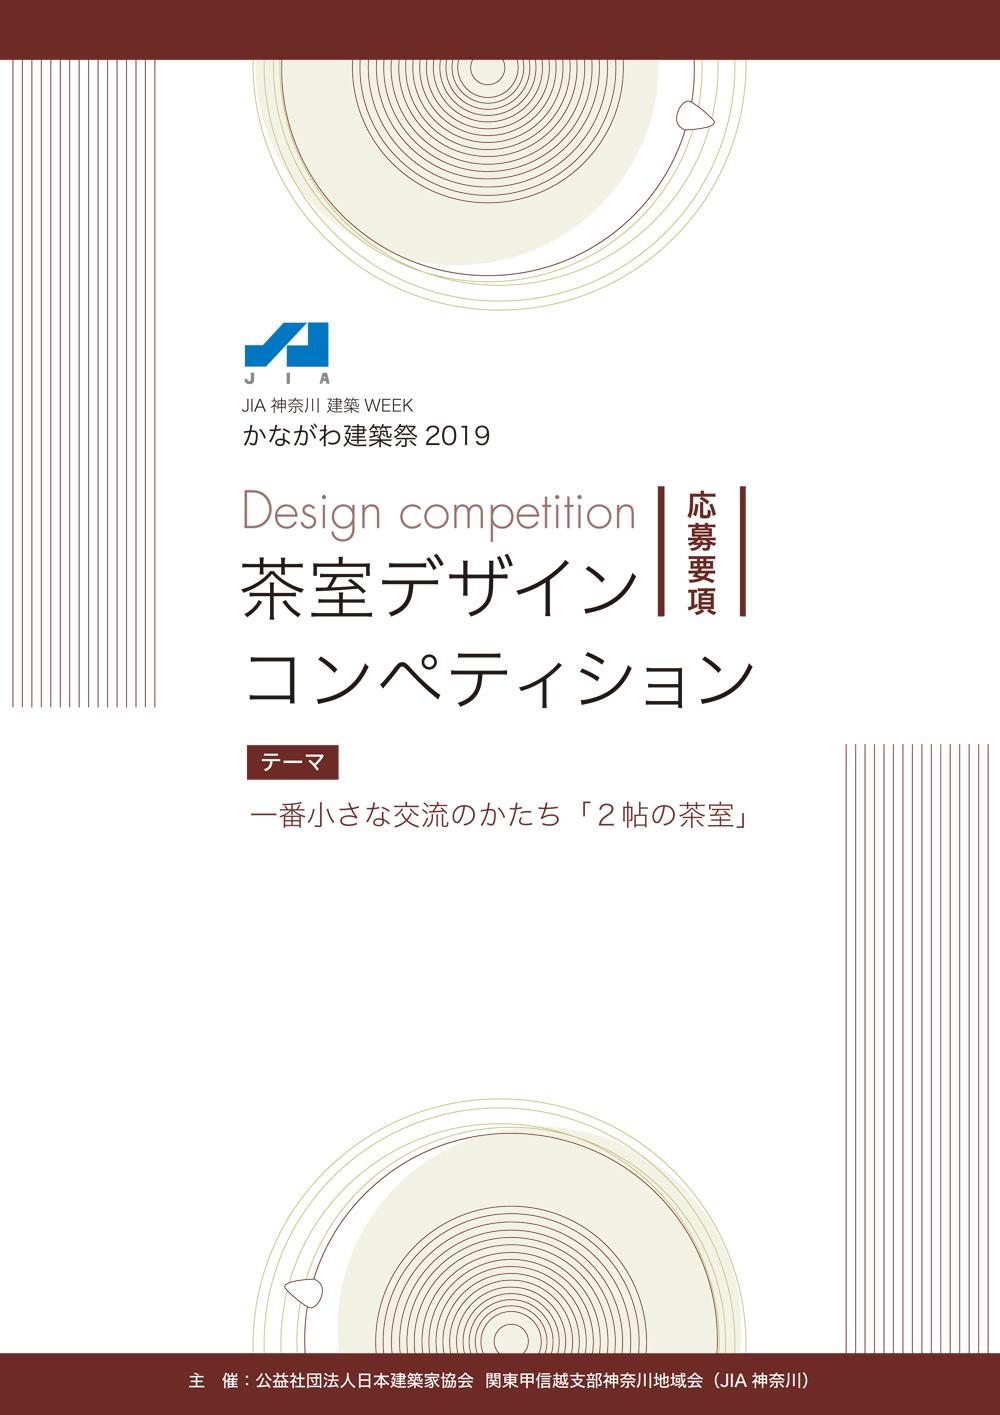 茶室デザイン コンペティション募集中 (かながわ建築祭2019)